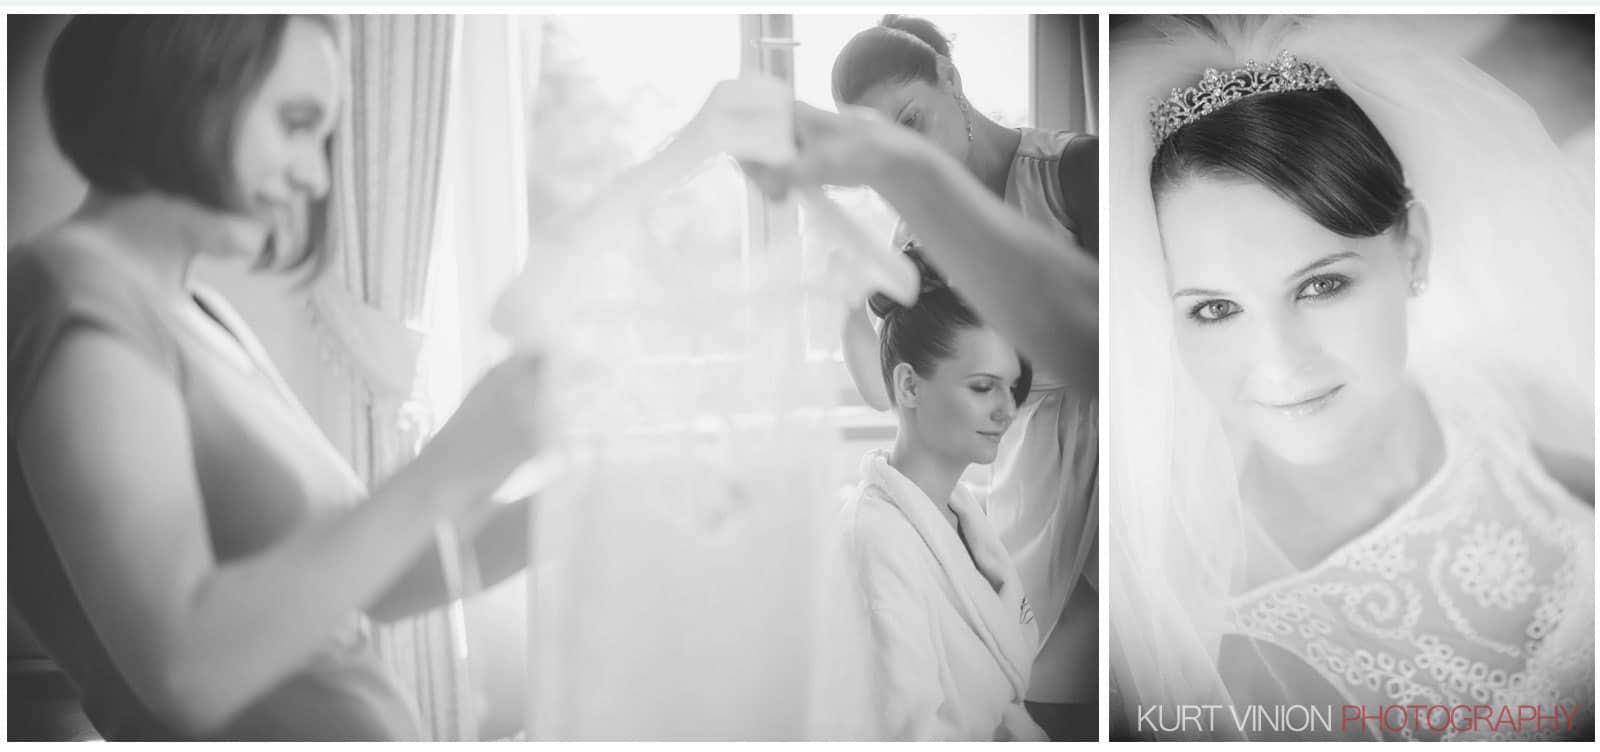 Chateau Mcely wedding / Ludmilla & Sergey wedding photography